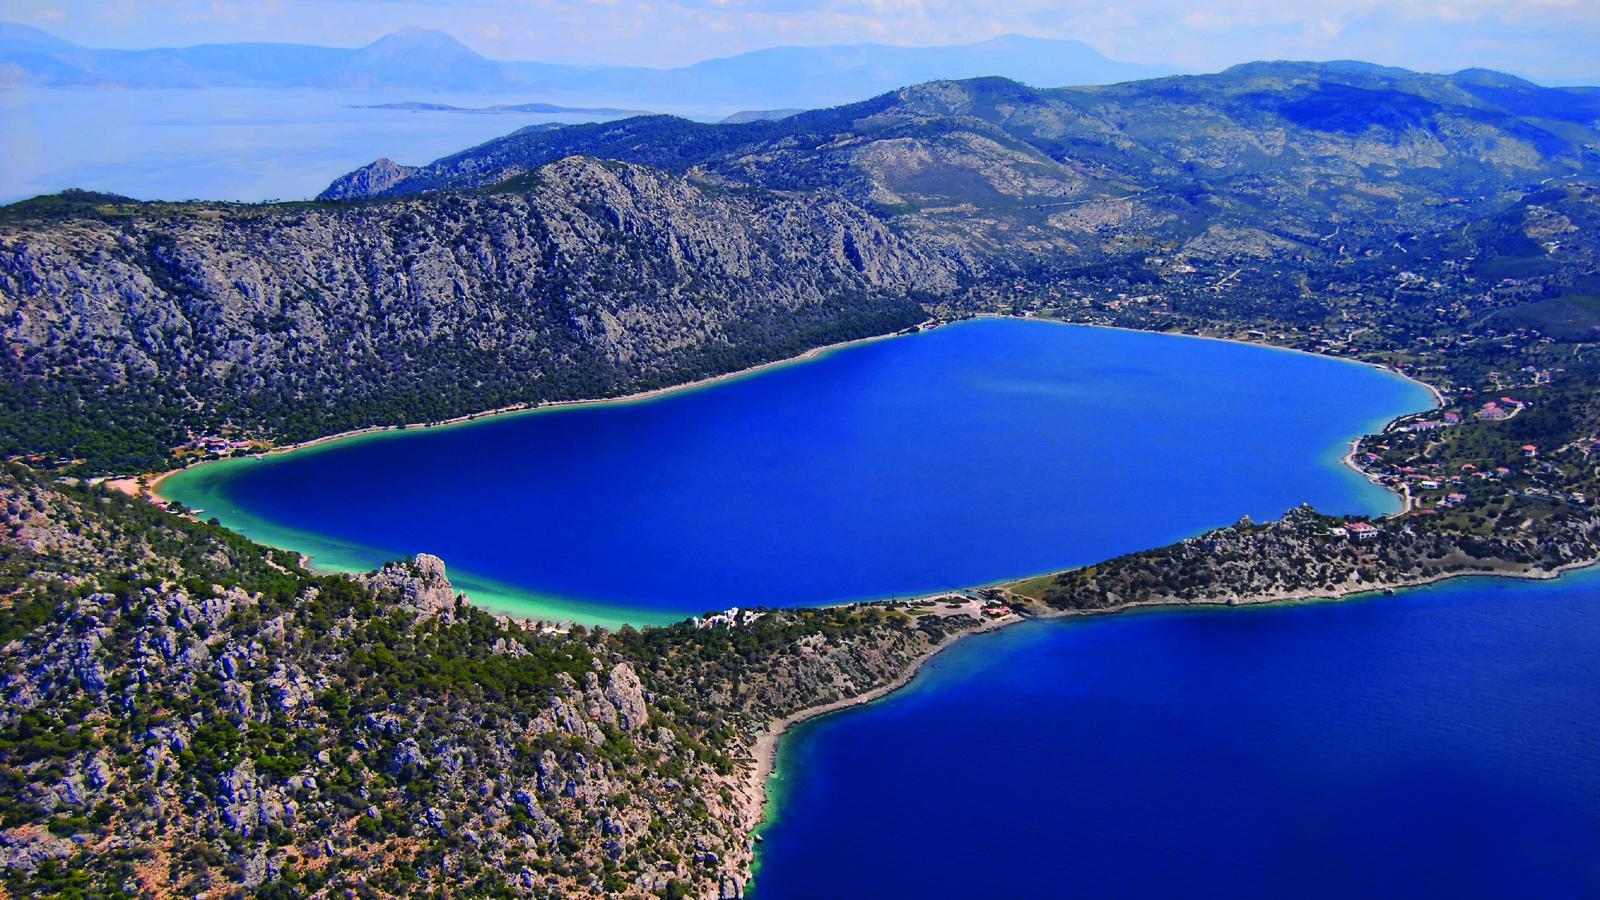 λίμνη της Βουλιαγμένης ή του Ηραίου